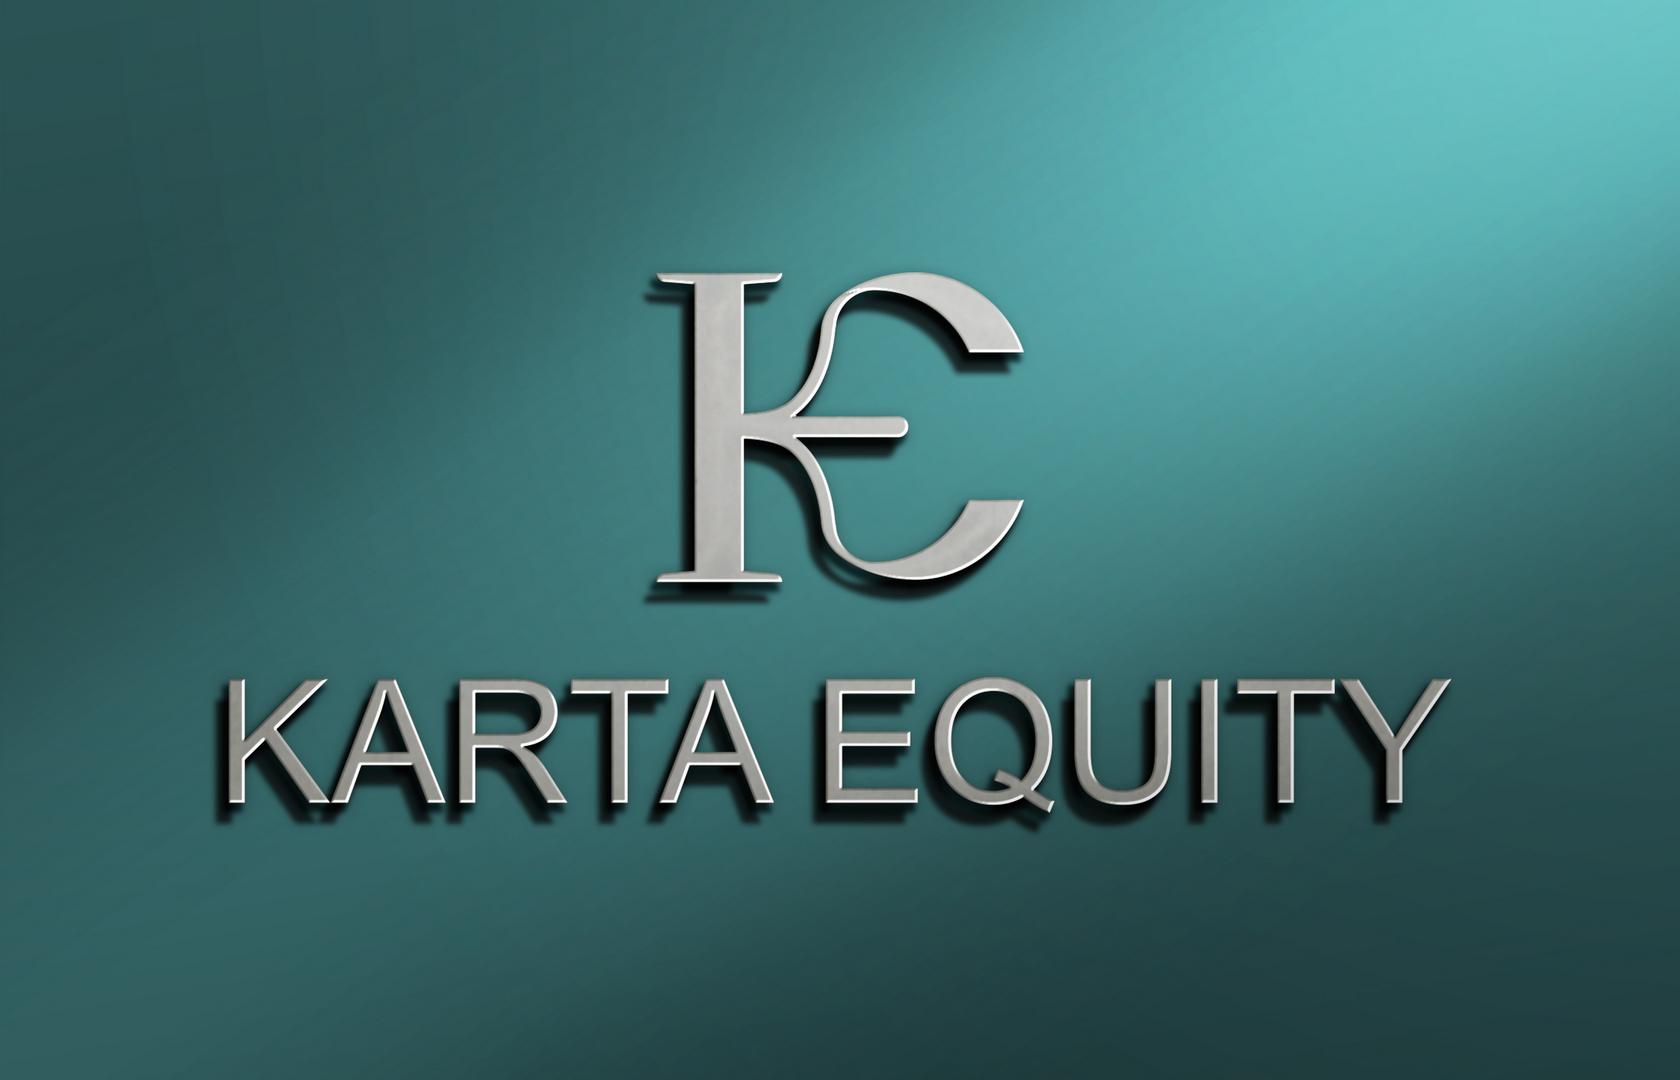 Логотип для компании инвестироваюшей в жилую недвижимость фото f_6005e12eef9bd9ac.jpg